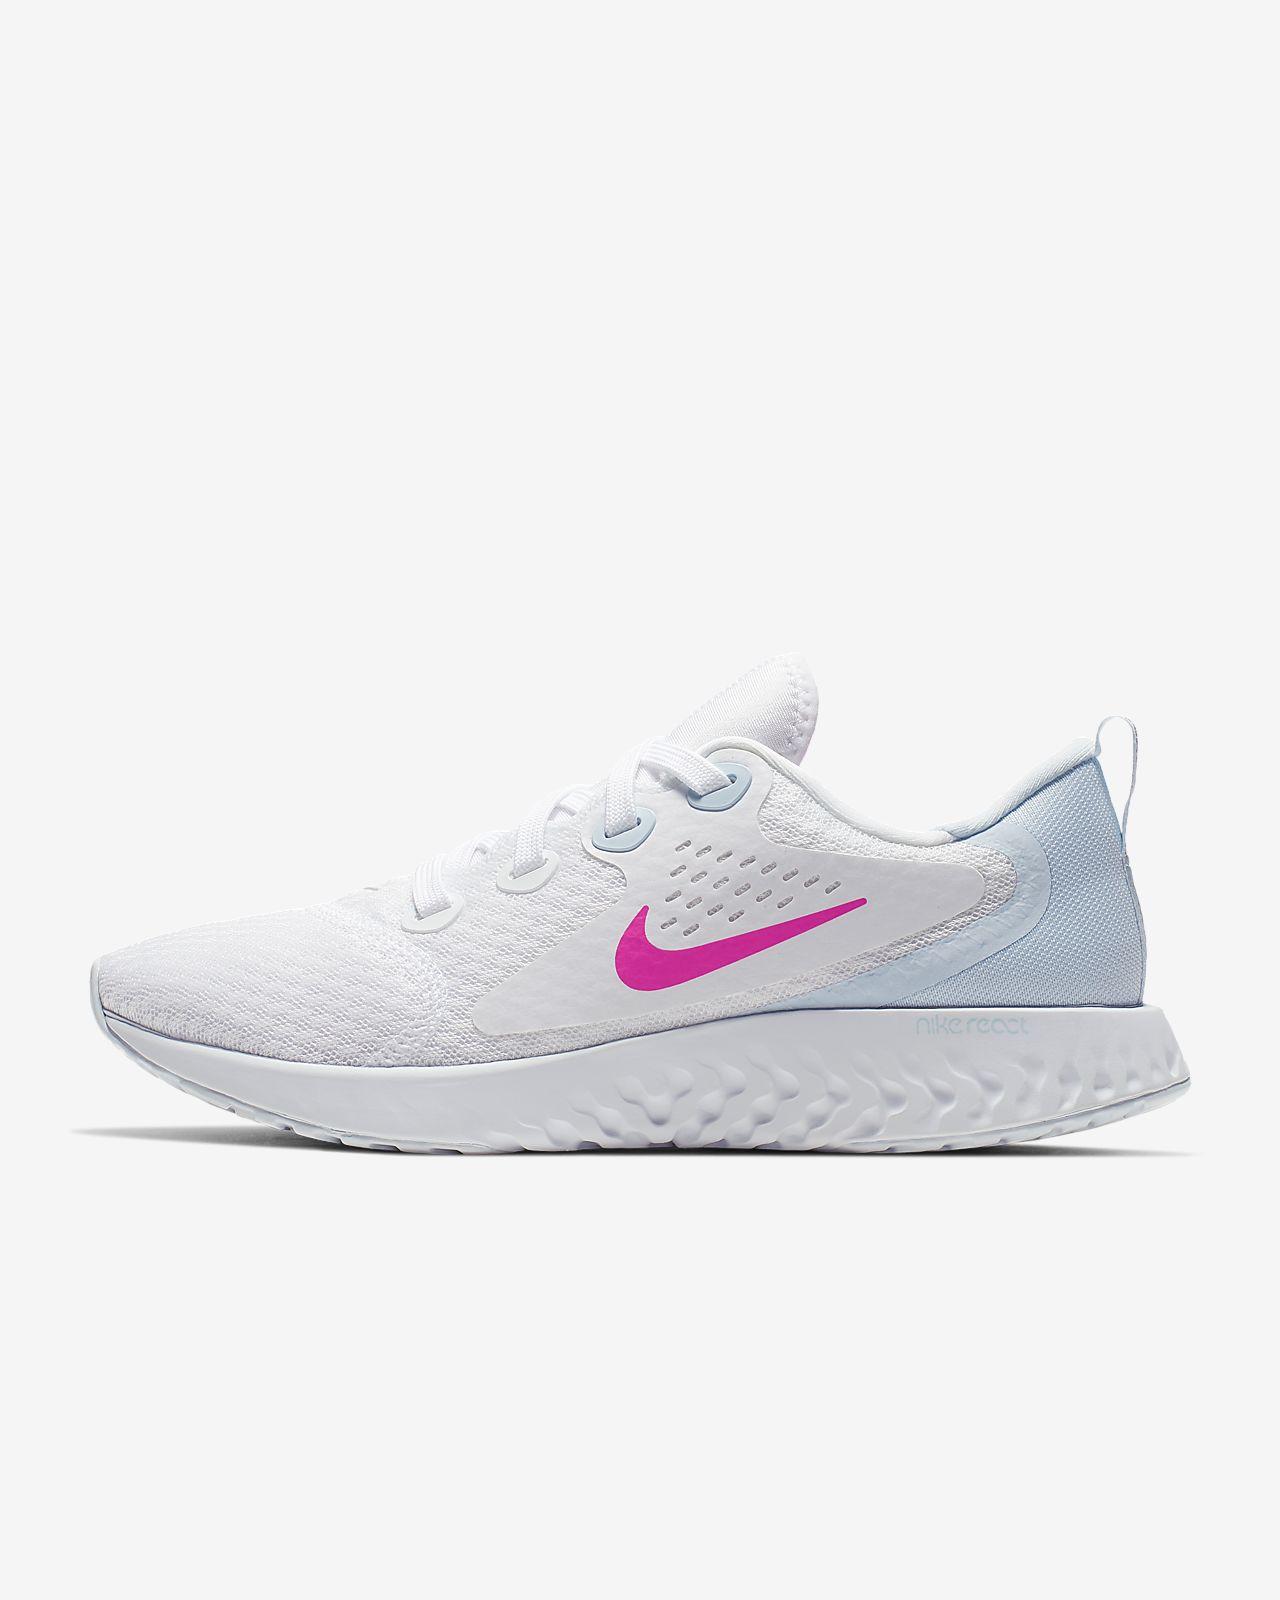 Chaussure de running Nike Legend React pour Femme